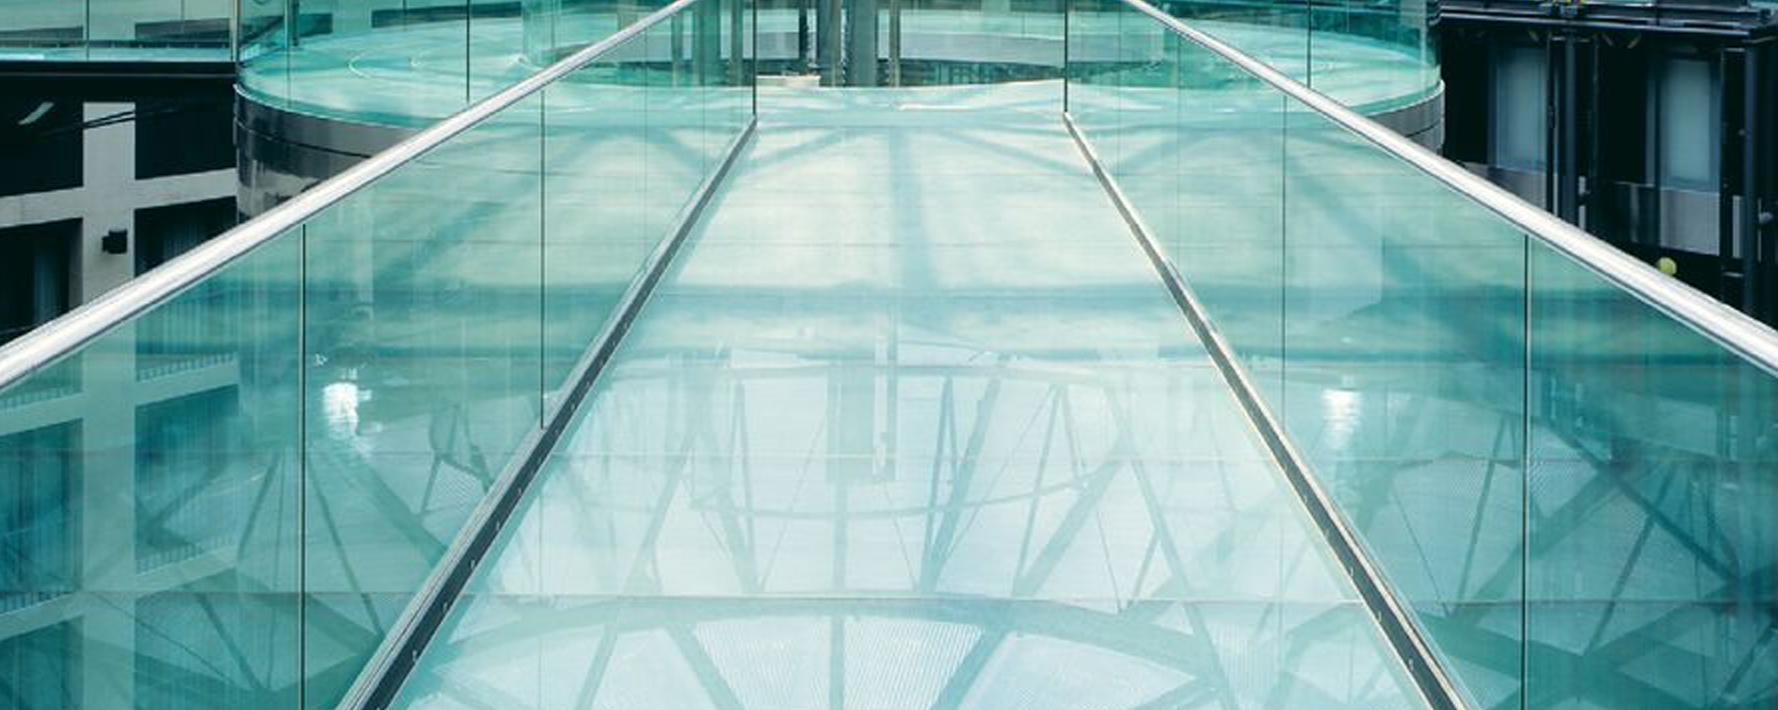 Doorgang in glas met glazen vloertegels LITE-FLOOR van Saint-Gobain Building Glass